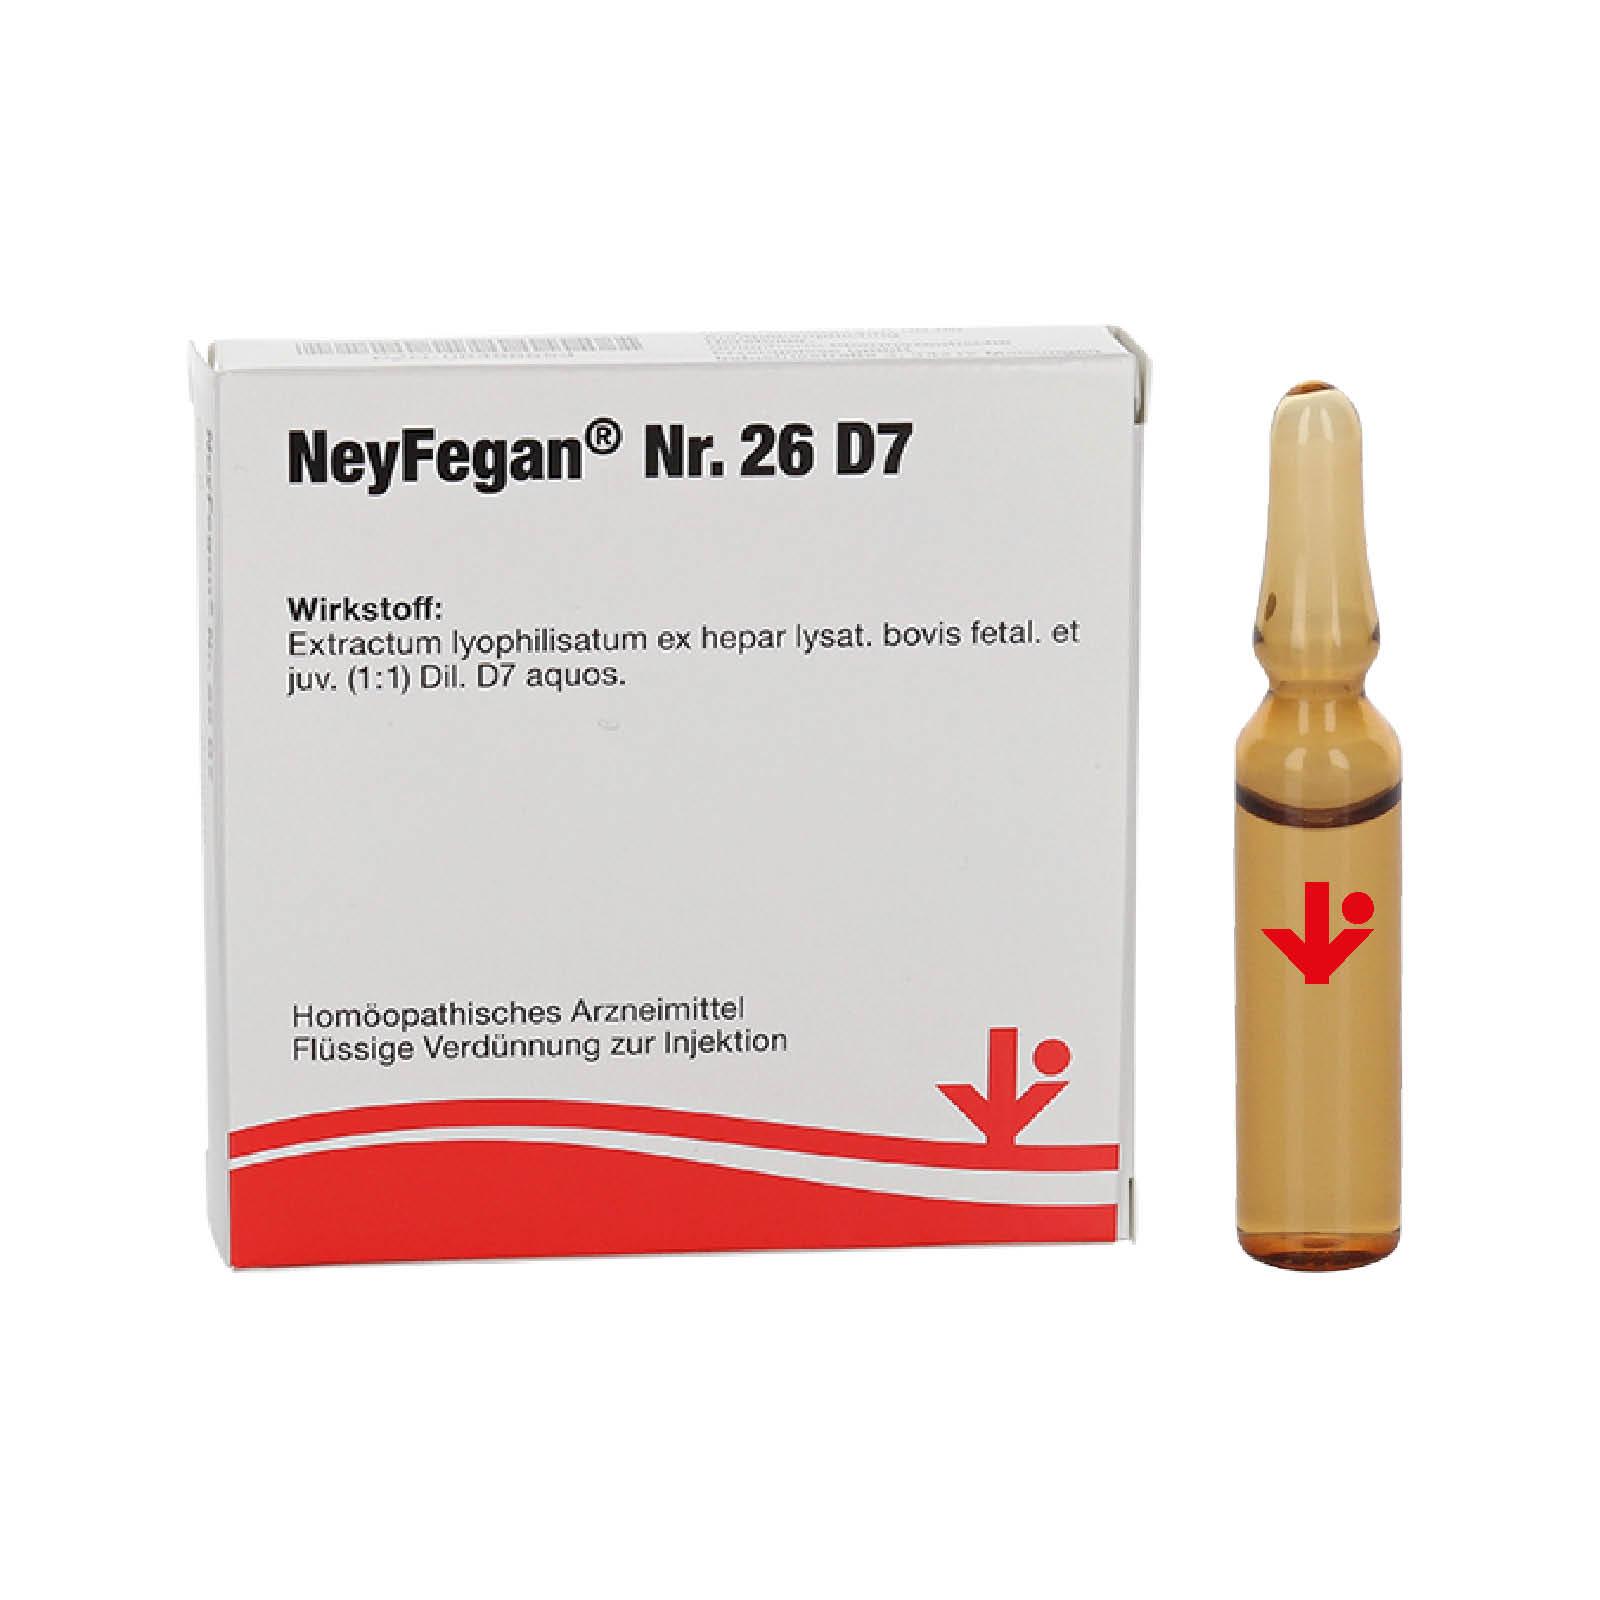 NeyFegan® Nr. 26 D7